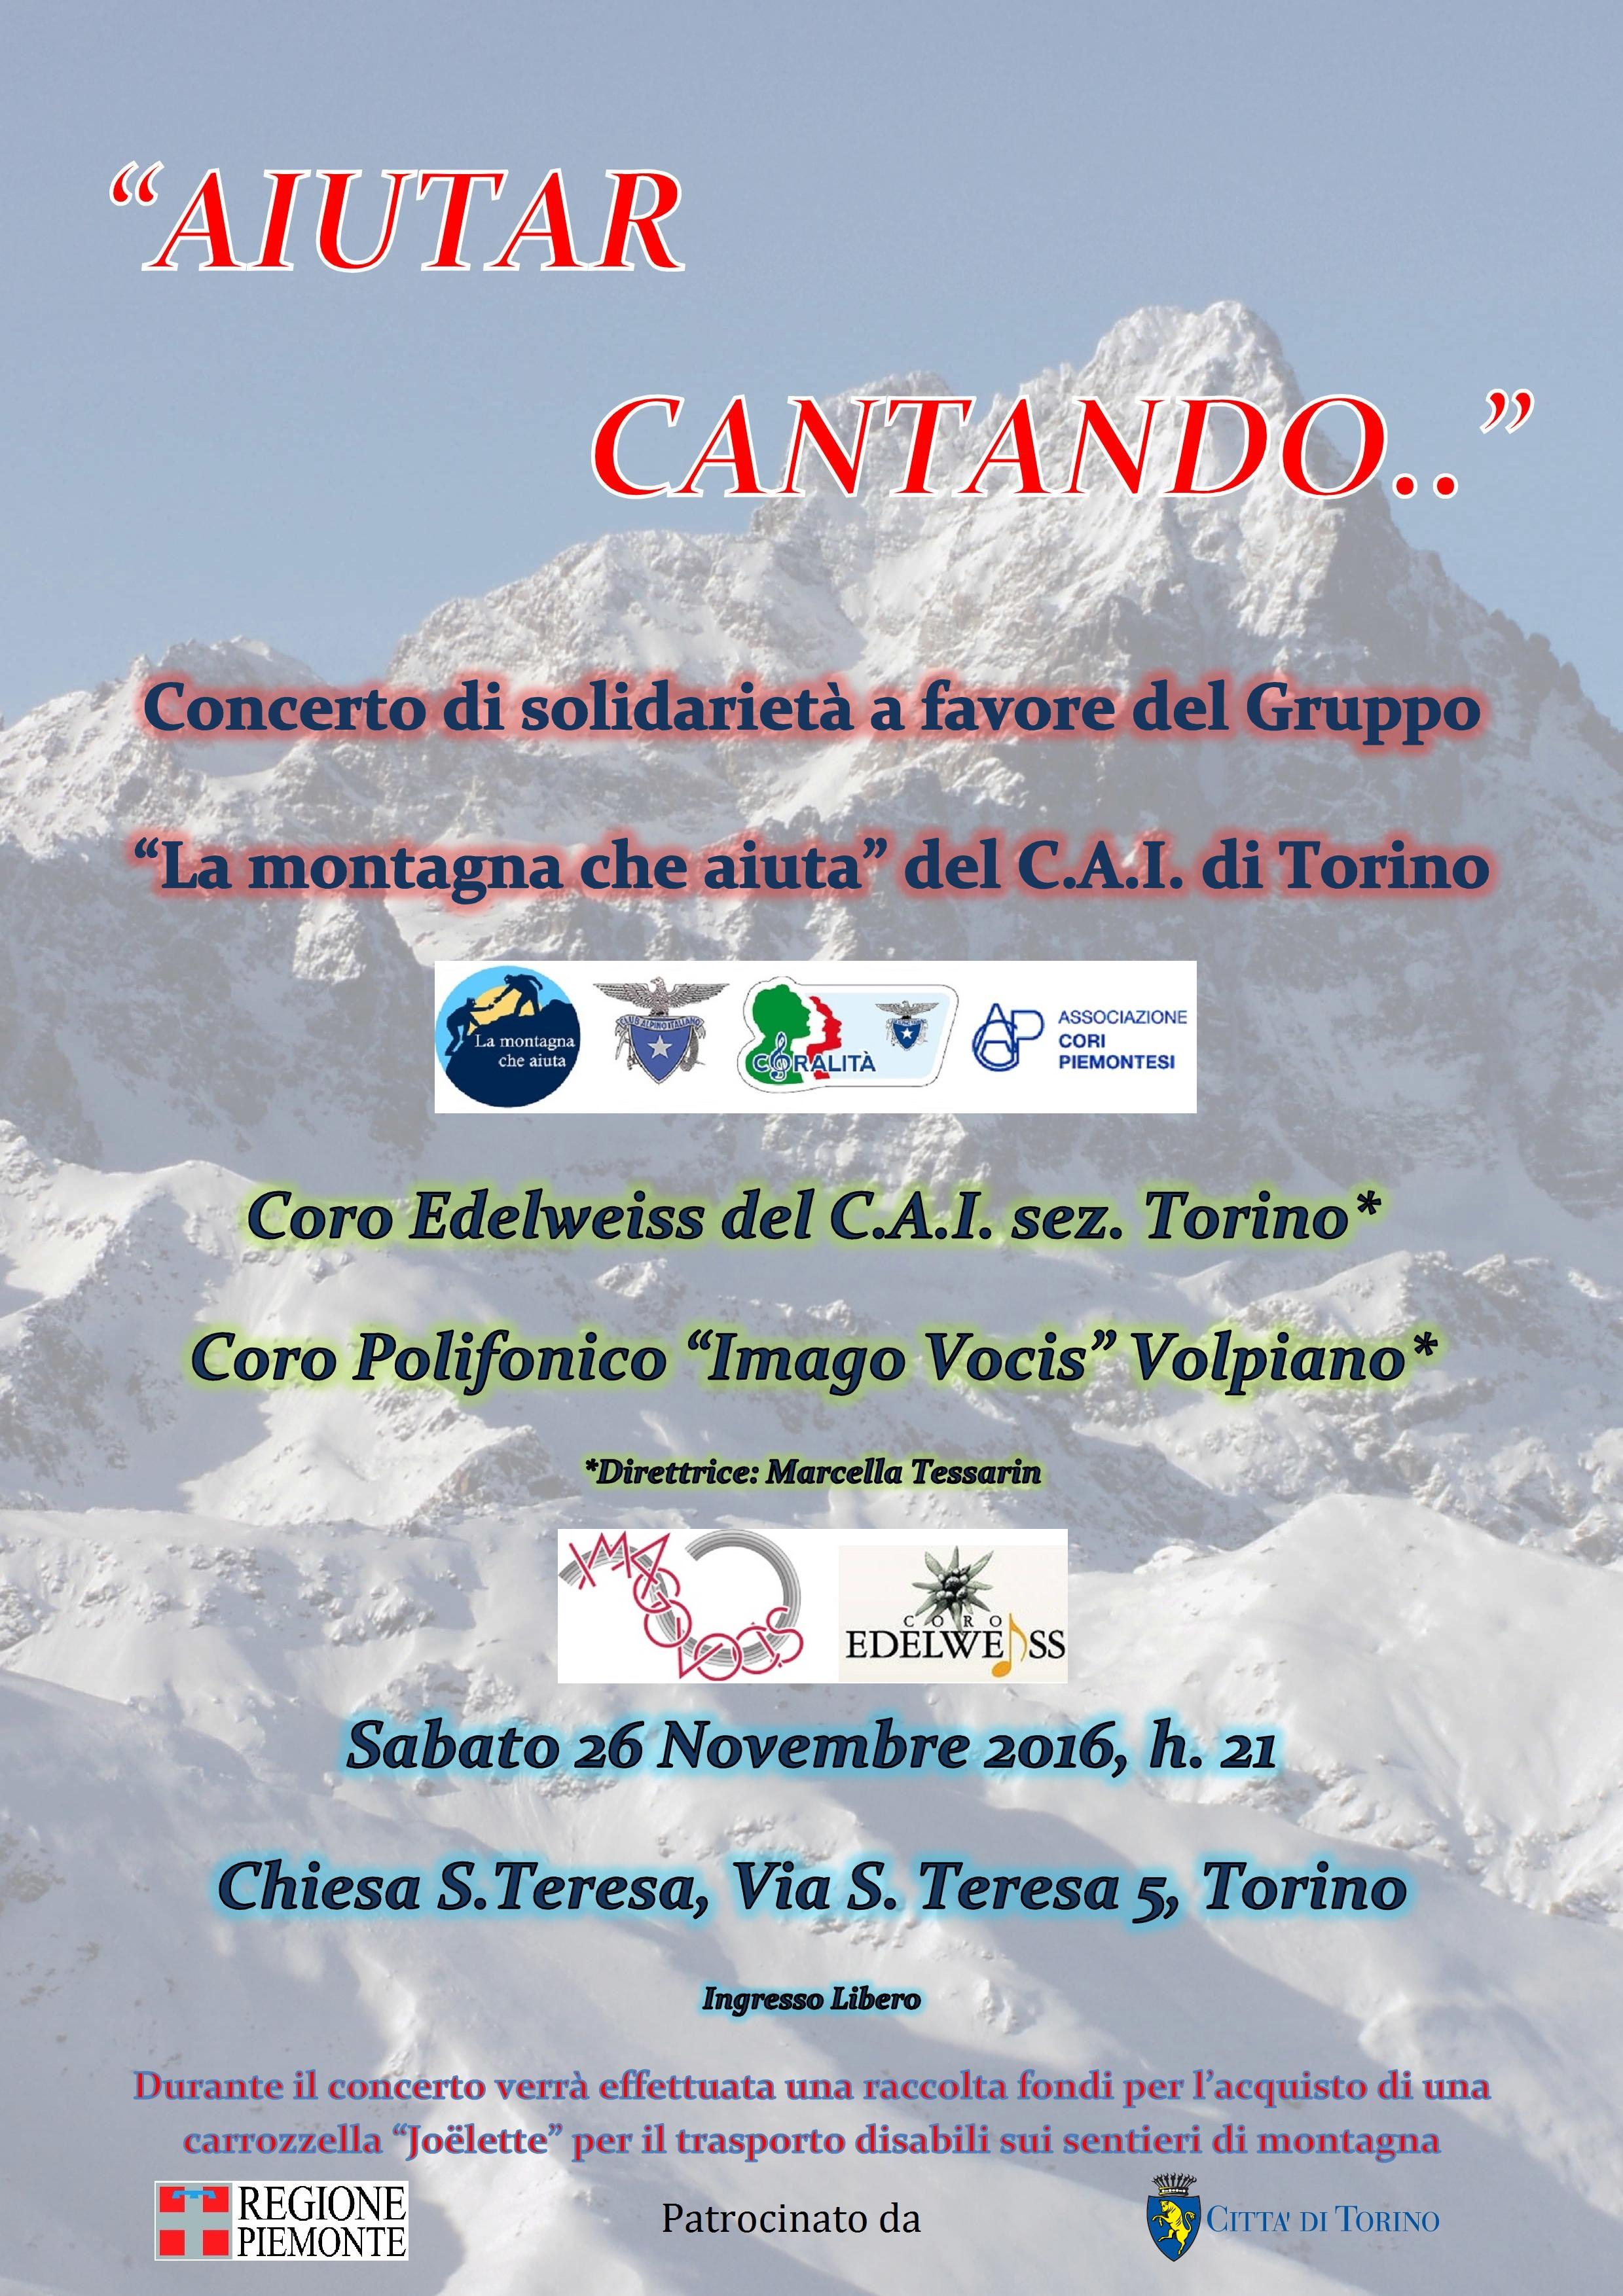 2016 - Torino, Aiutar Cantando